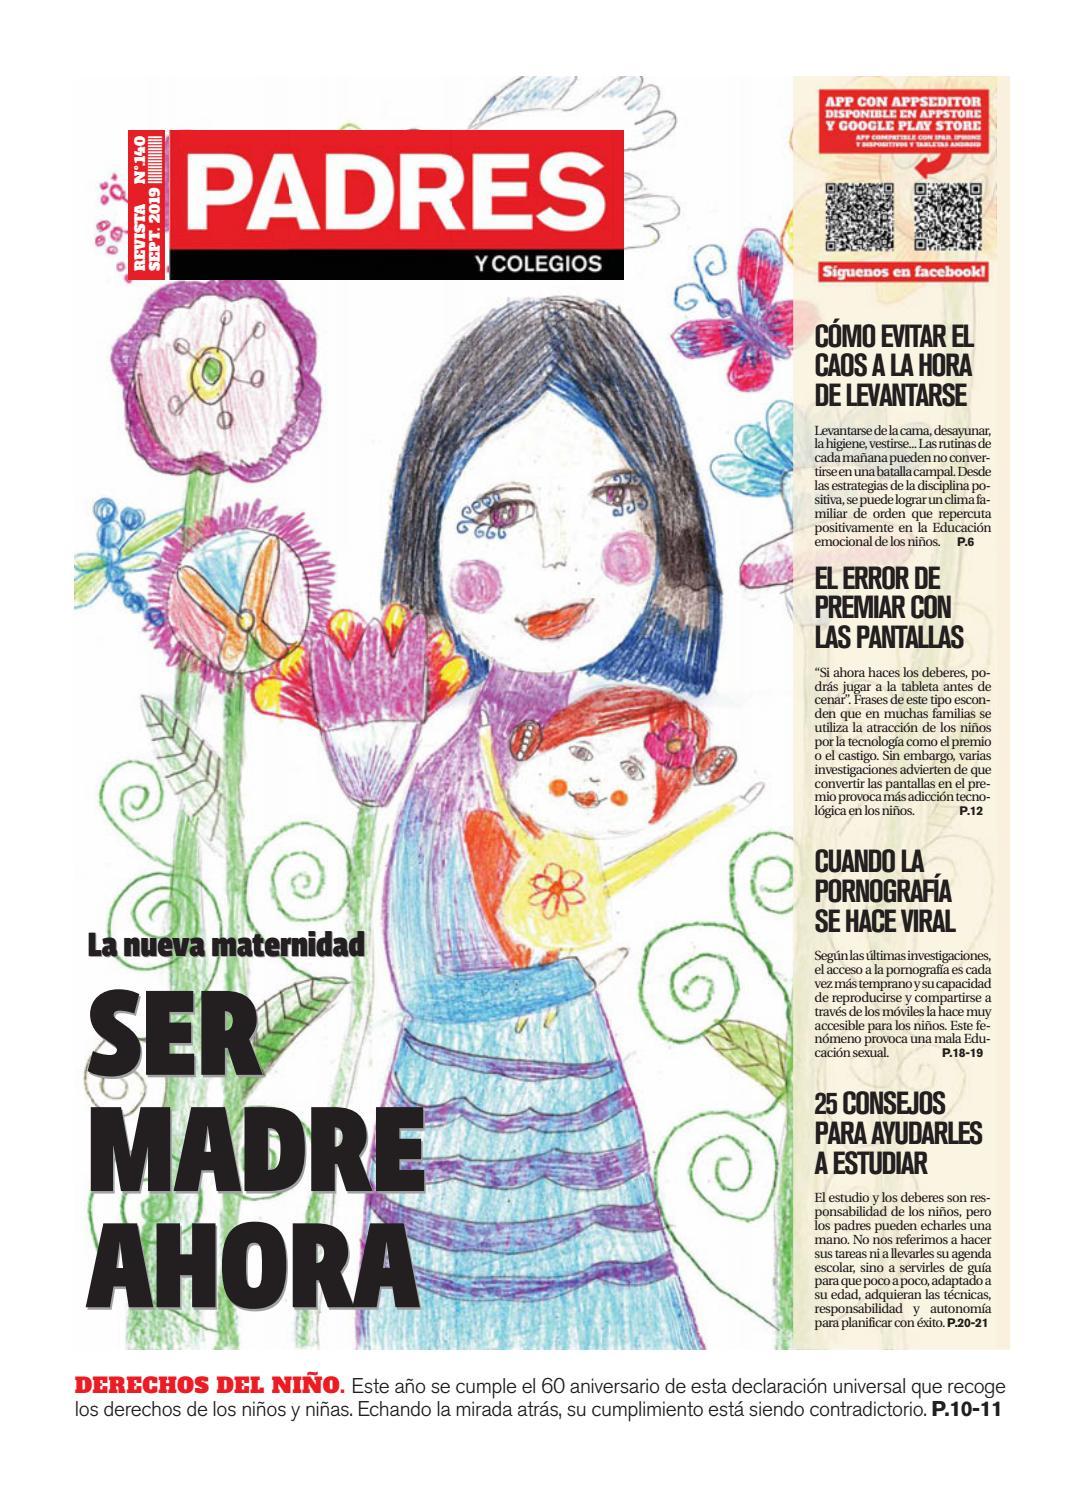 Actrices Porno De Aspecto Infantil padres y colegios nº 140 - septiembre 2019grupo siena